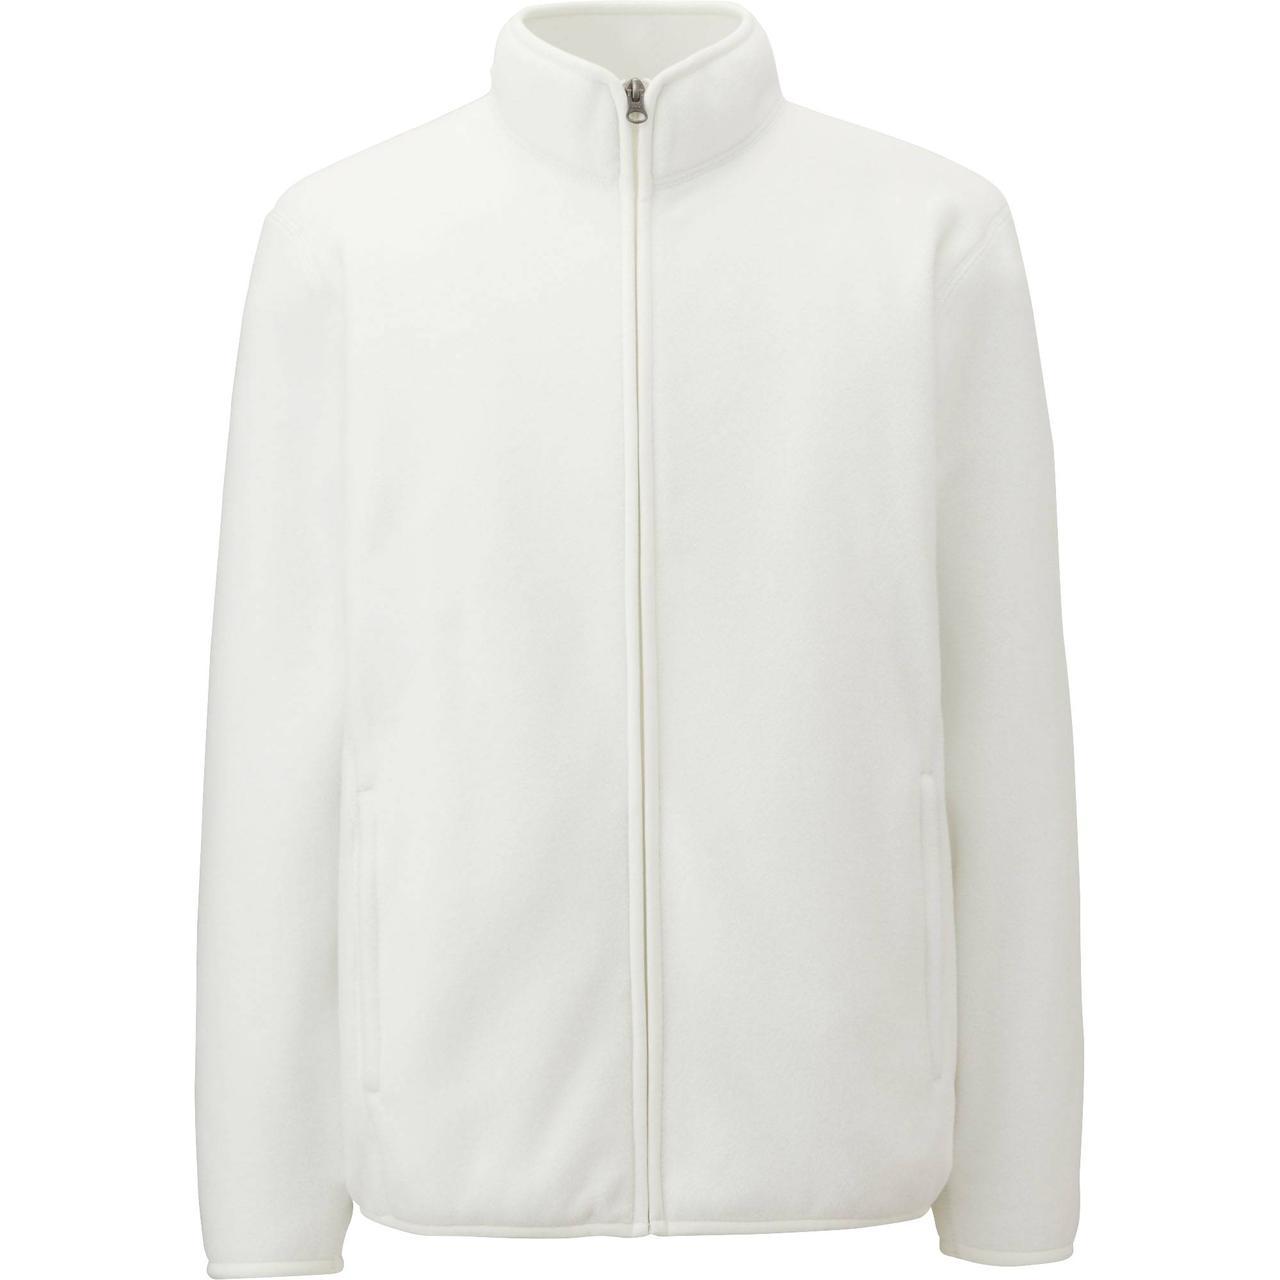 Кофта Uniqlo Men Fleece Full-Zip WHITE